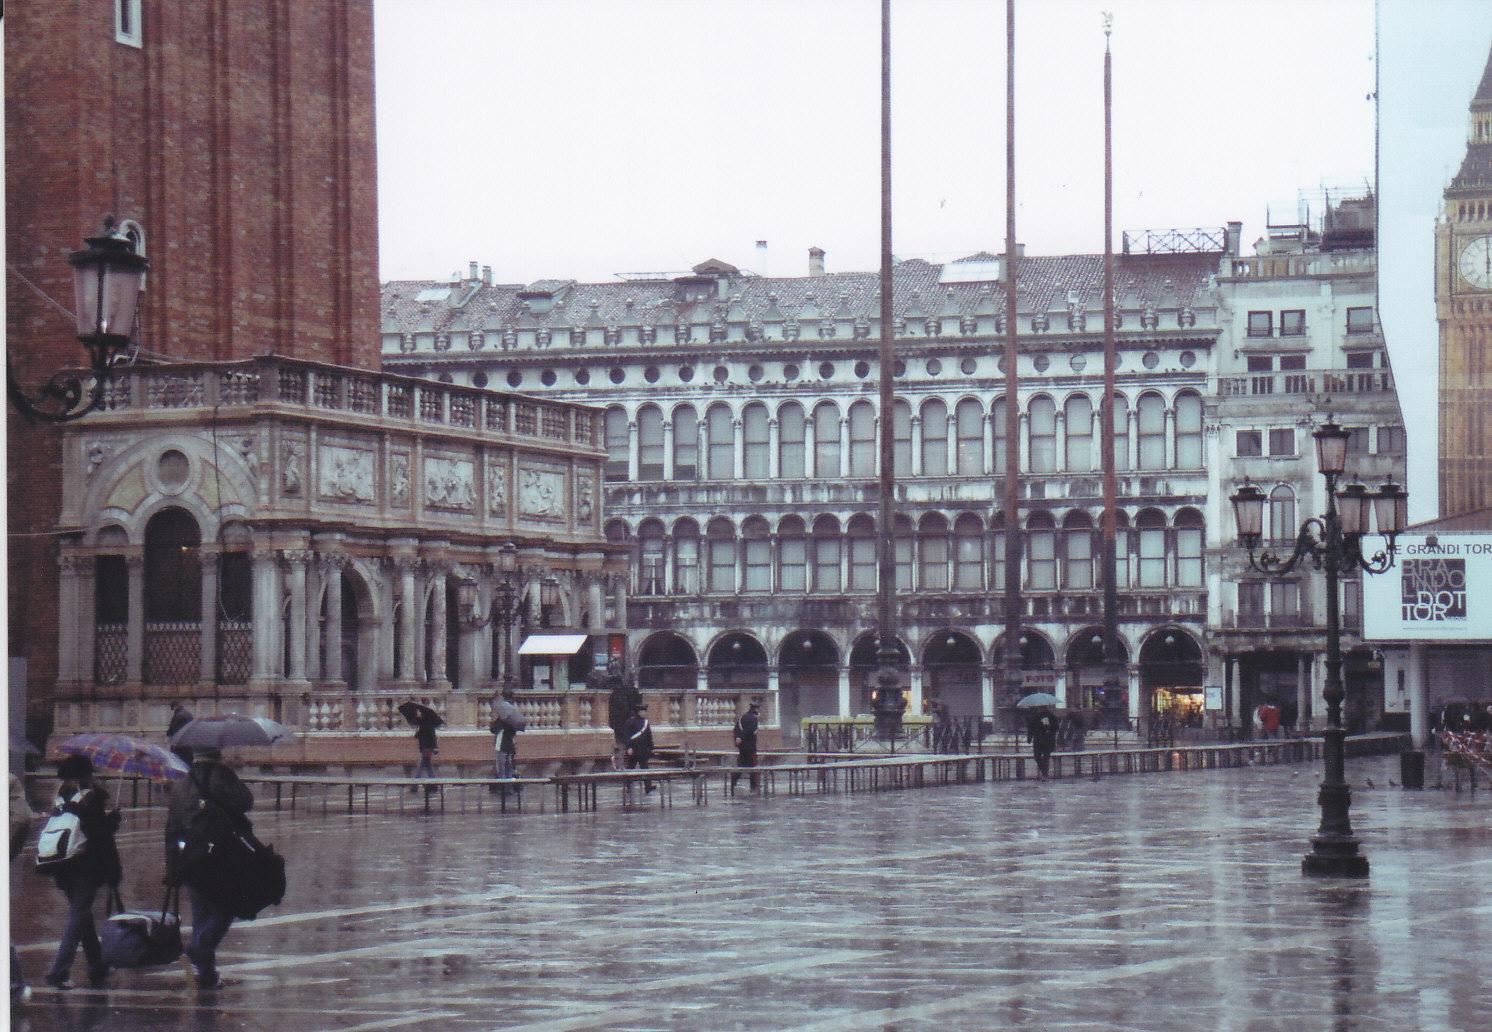 サン・マルコ広場の画像 p1_35